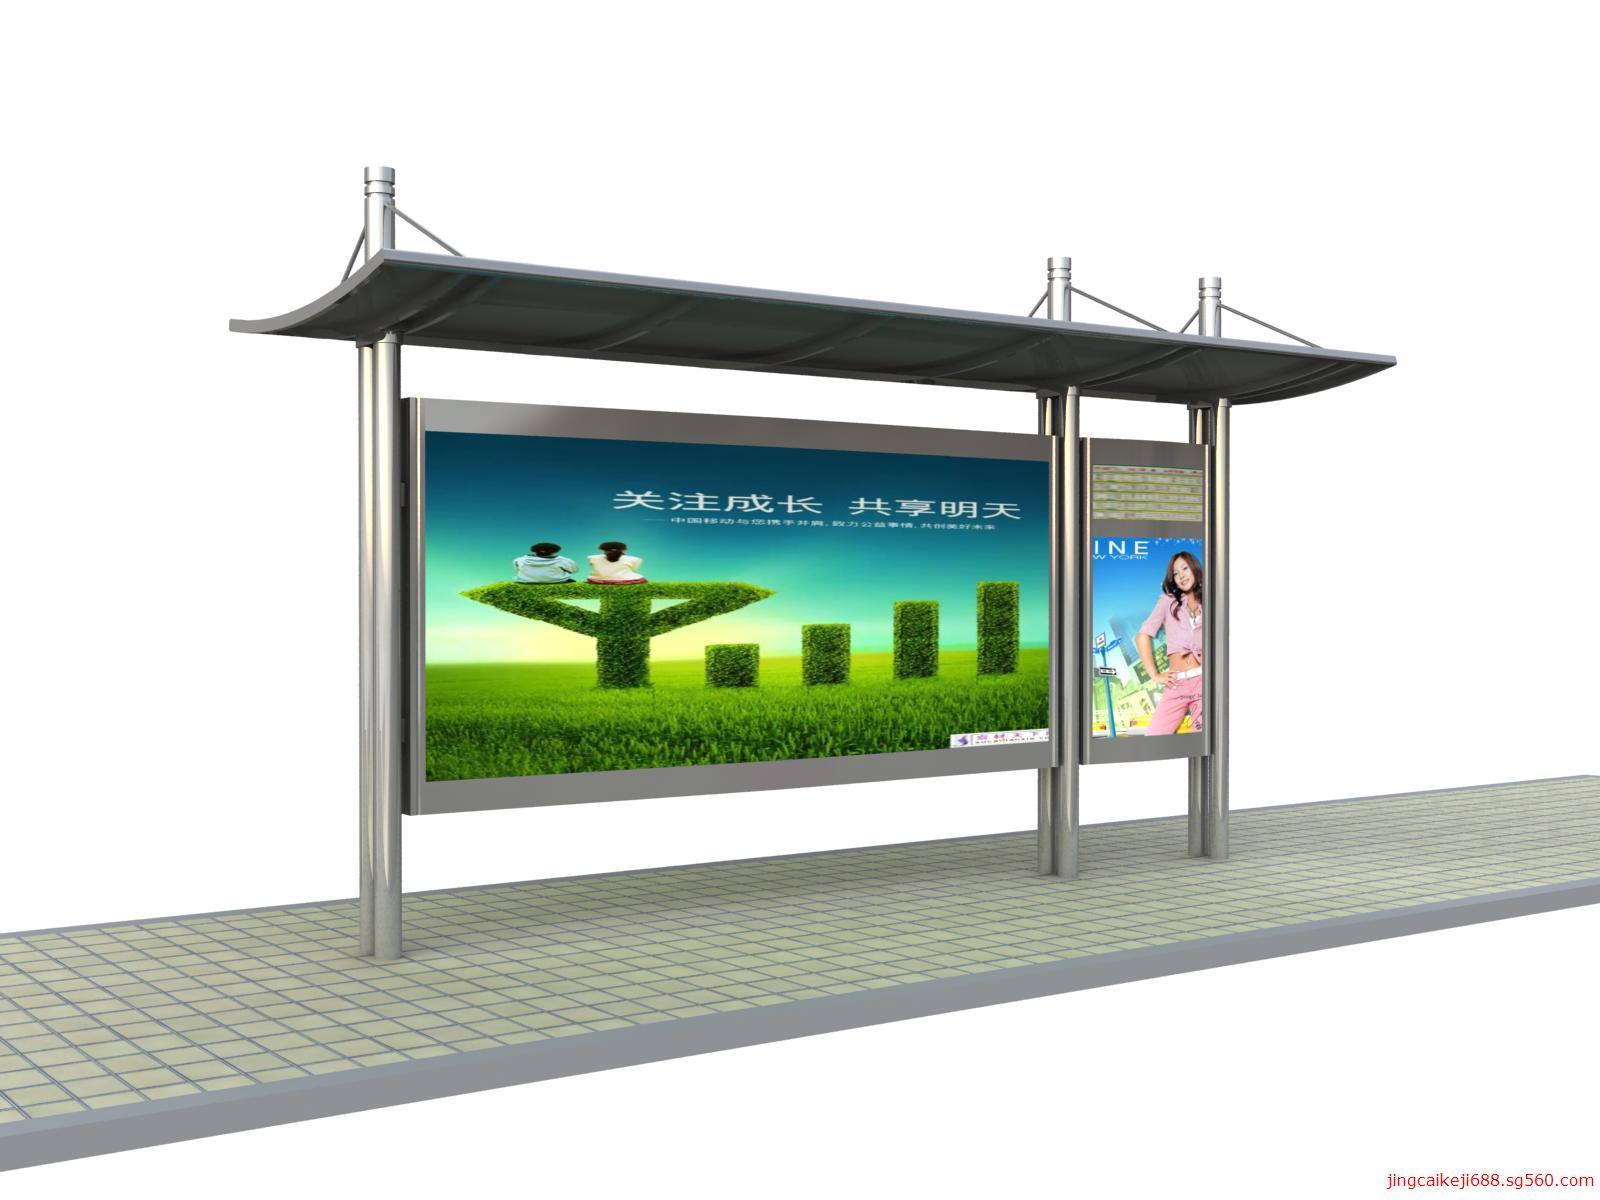 新款公交候车亭,站牌